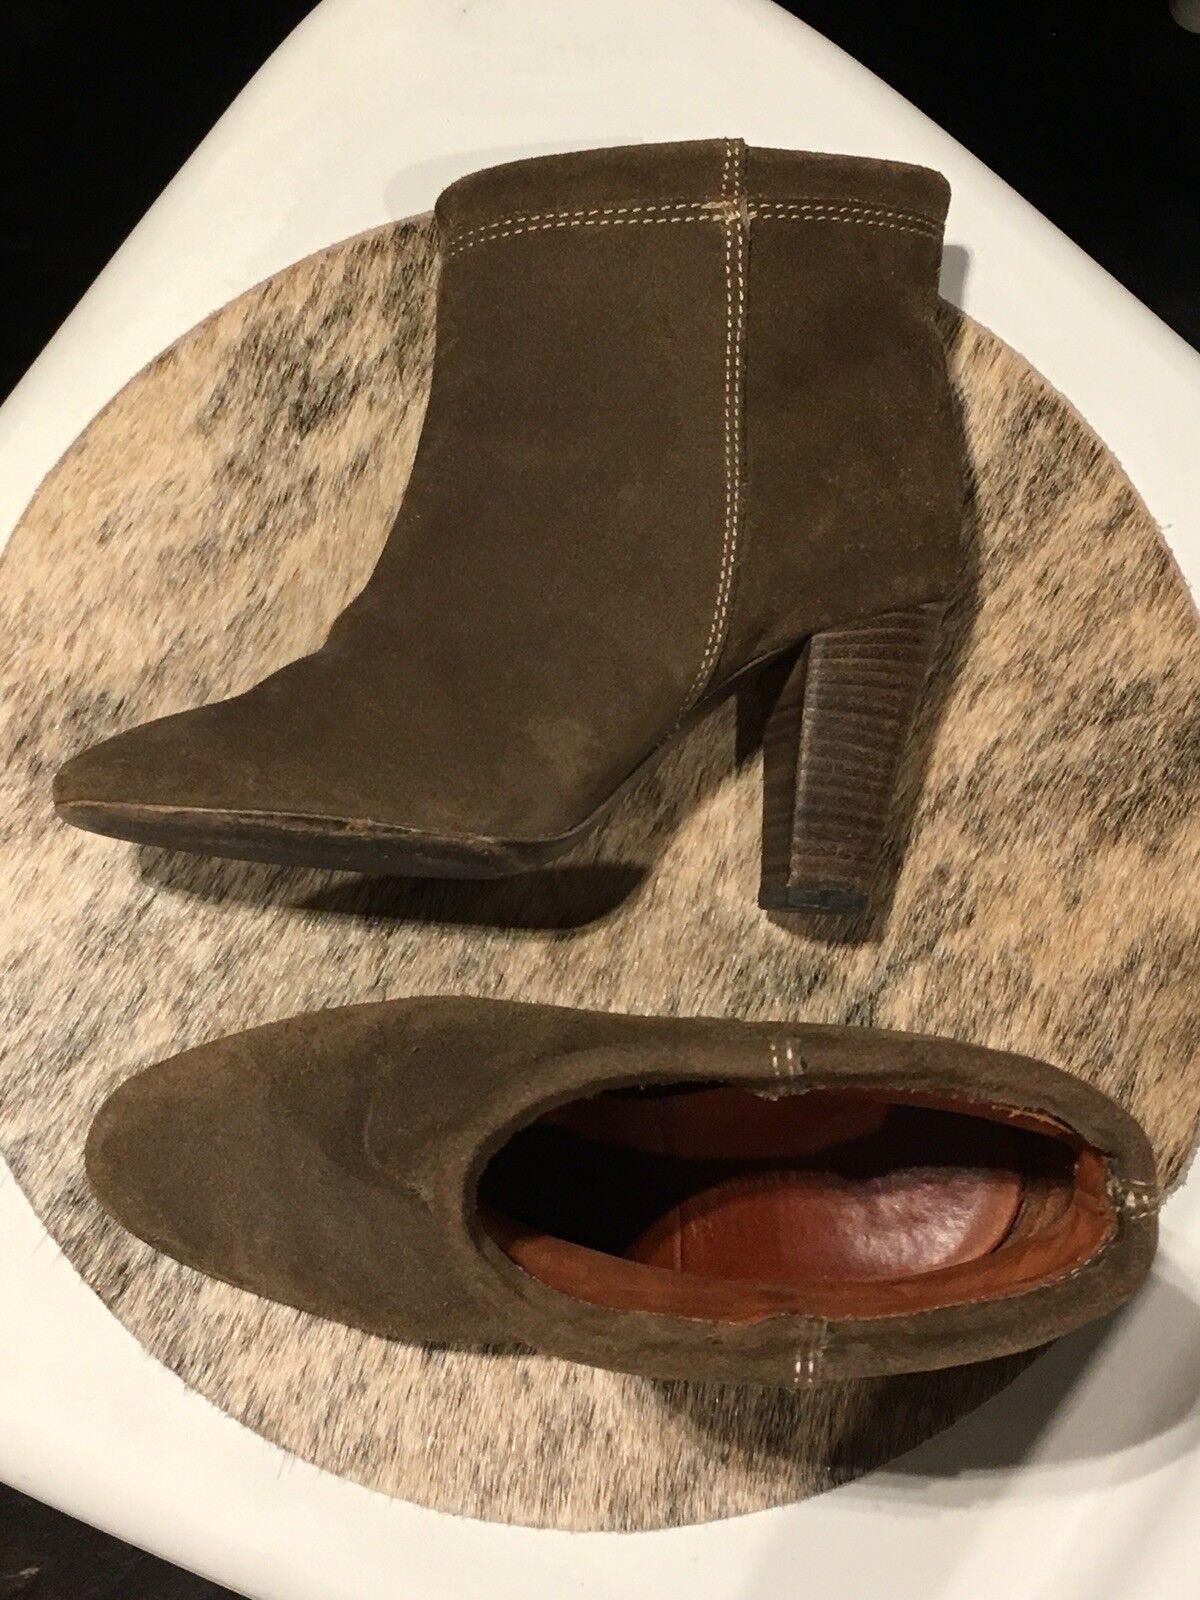 Isabel Marant botas al Tobillo (adaptada) Ante Marrón Taupe Taupe Taupe tan verde oliva, talla 37  descuento de ventas